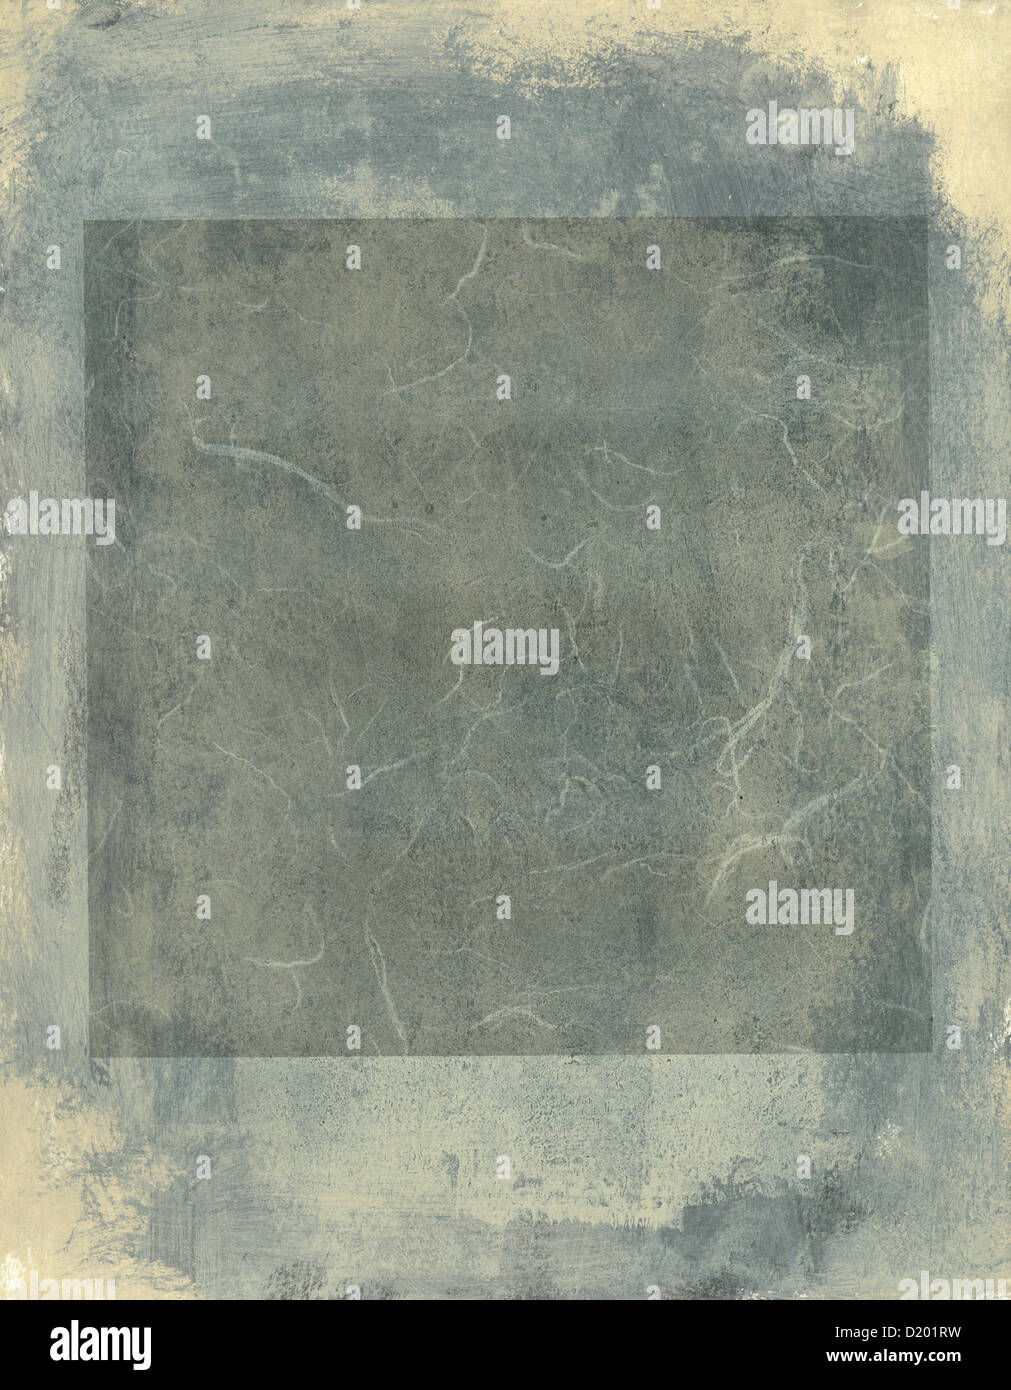 Una pittura astratta toni di grigio e quare. Immagini Stock